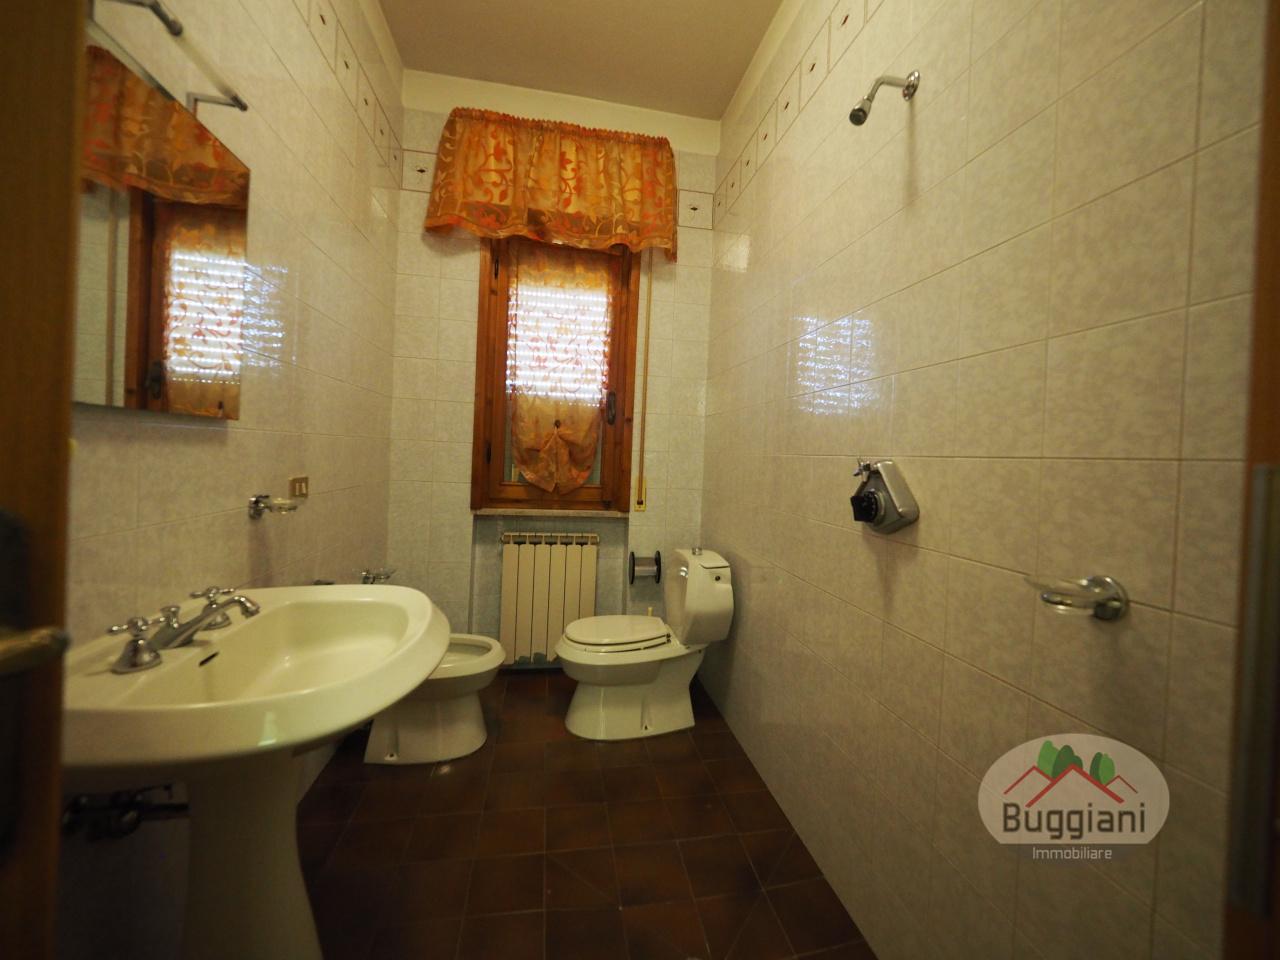 Appartamento in vendita RIF. 1834, Fucecchio (FI)